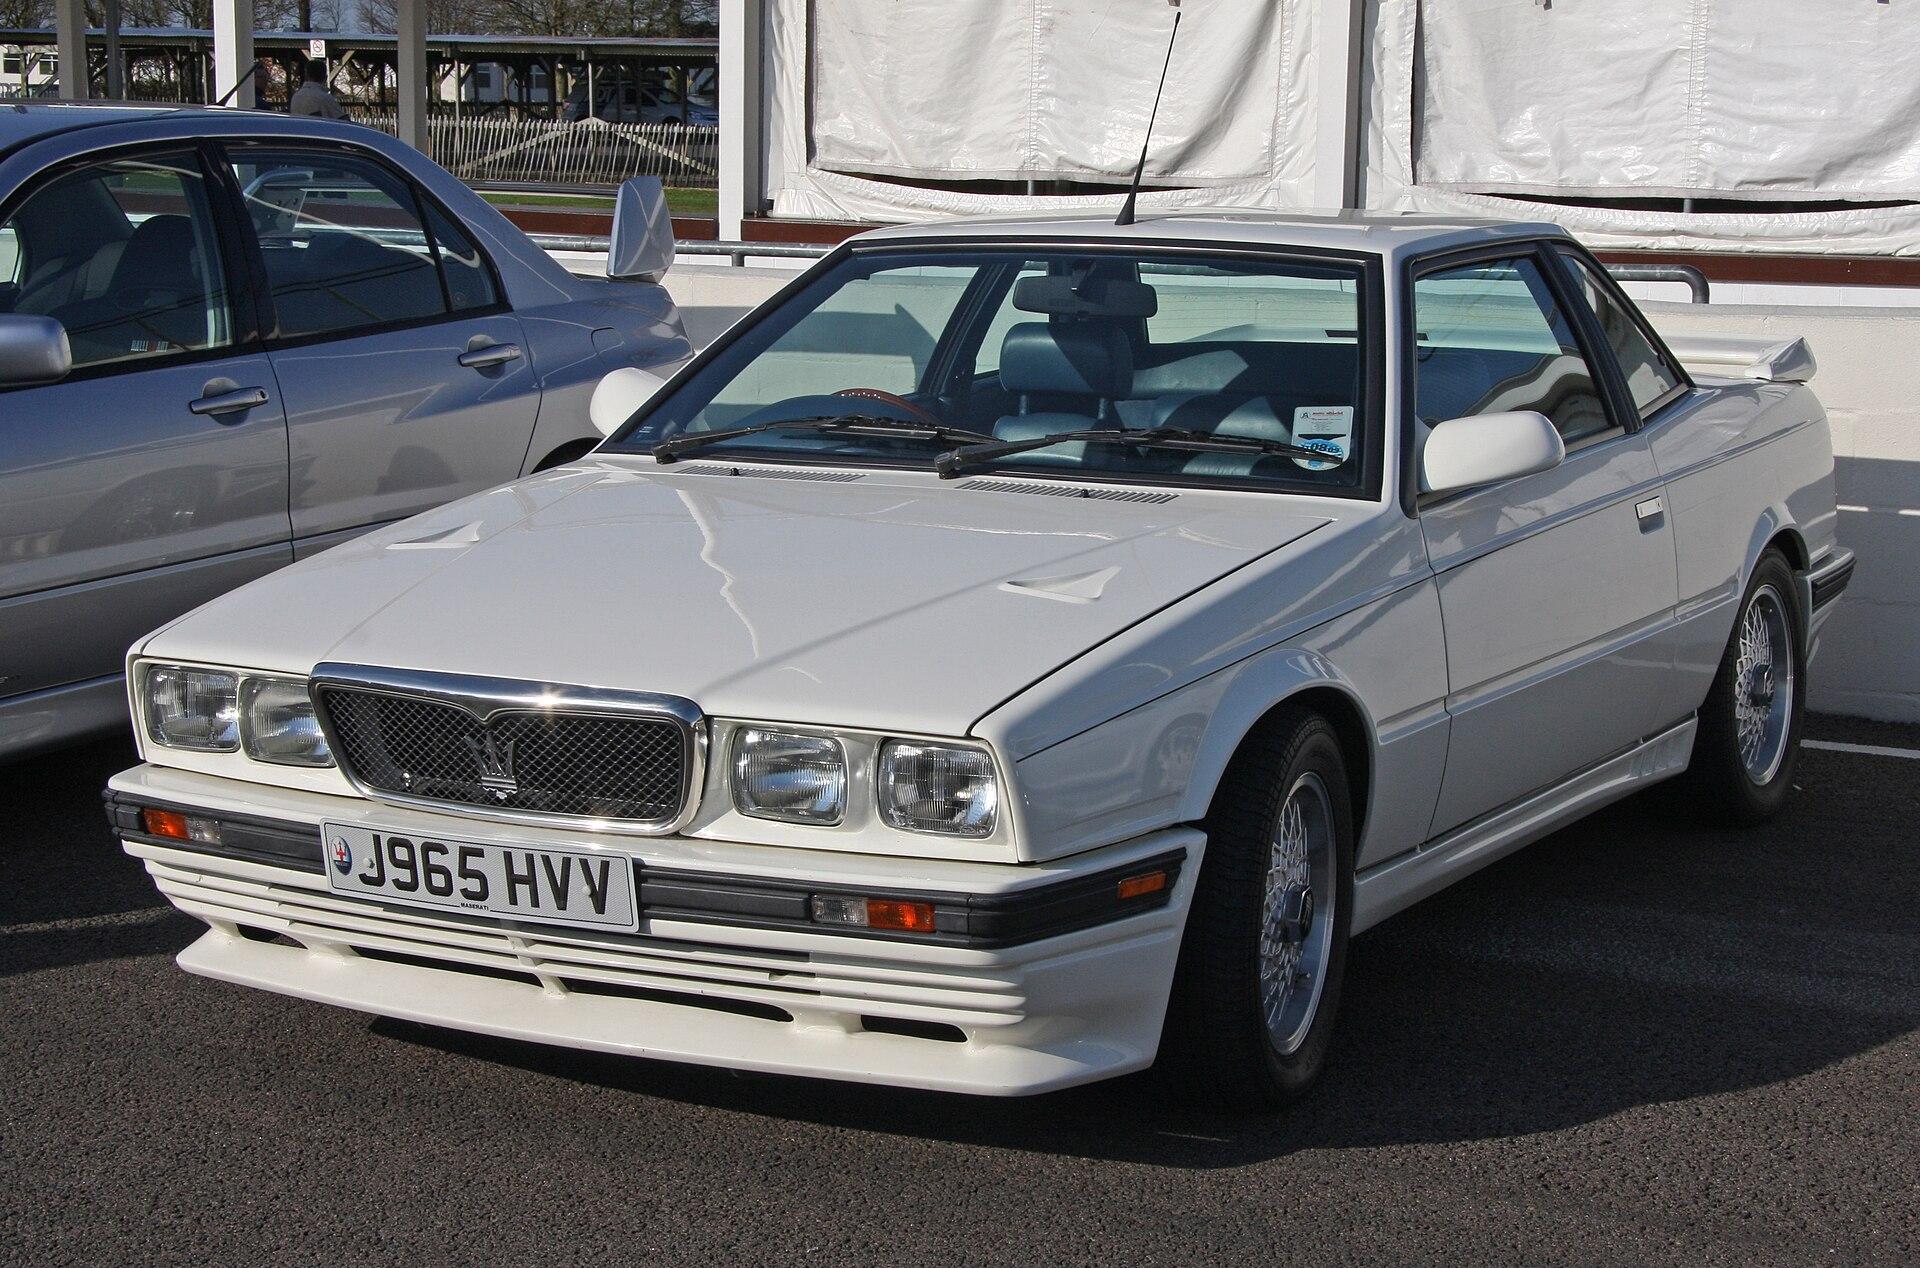 Maserati Karif - Wikipedia